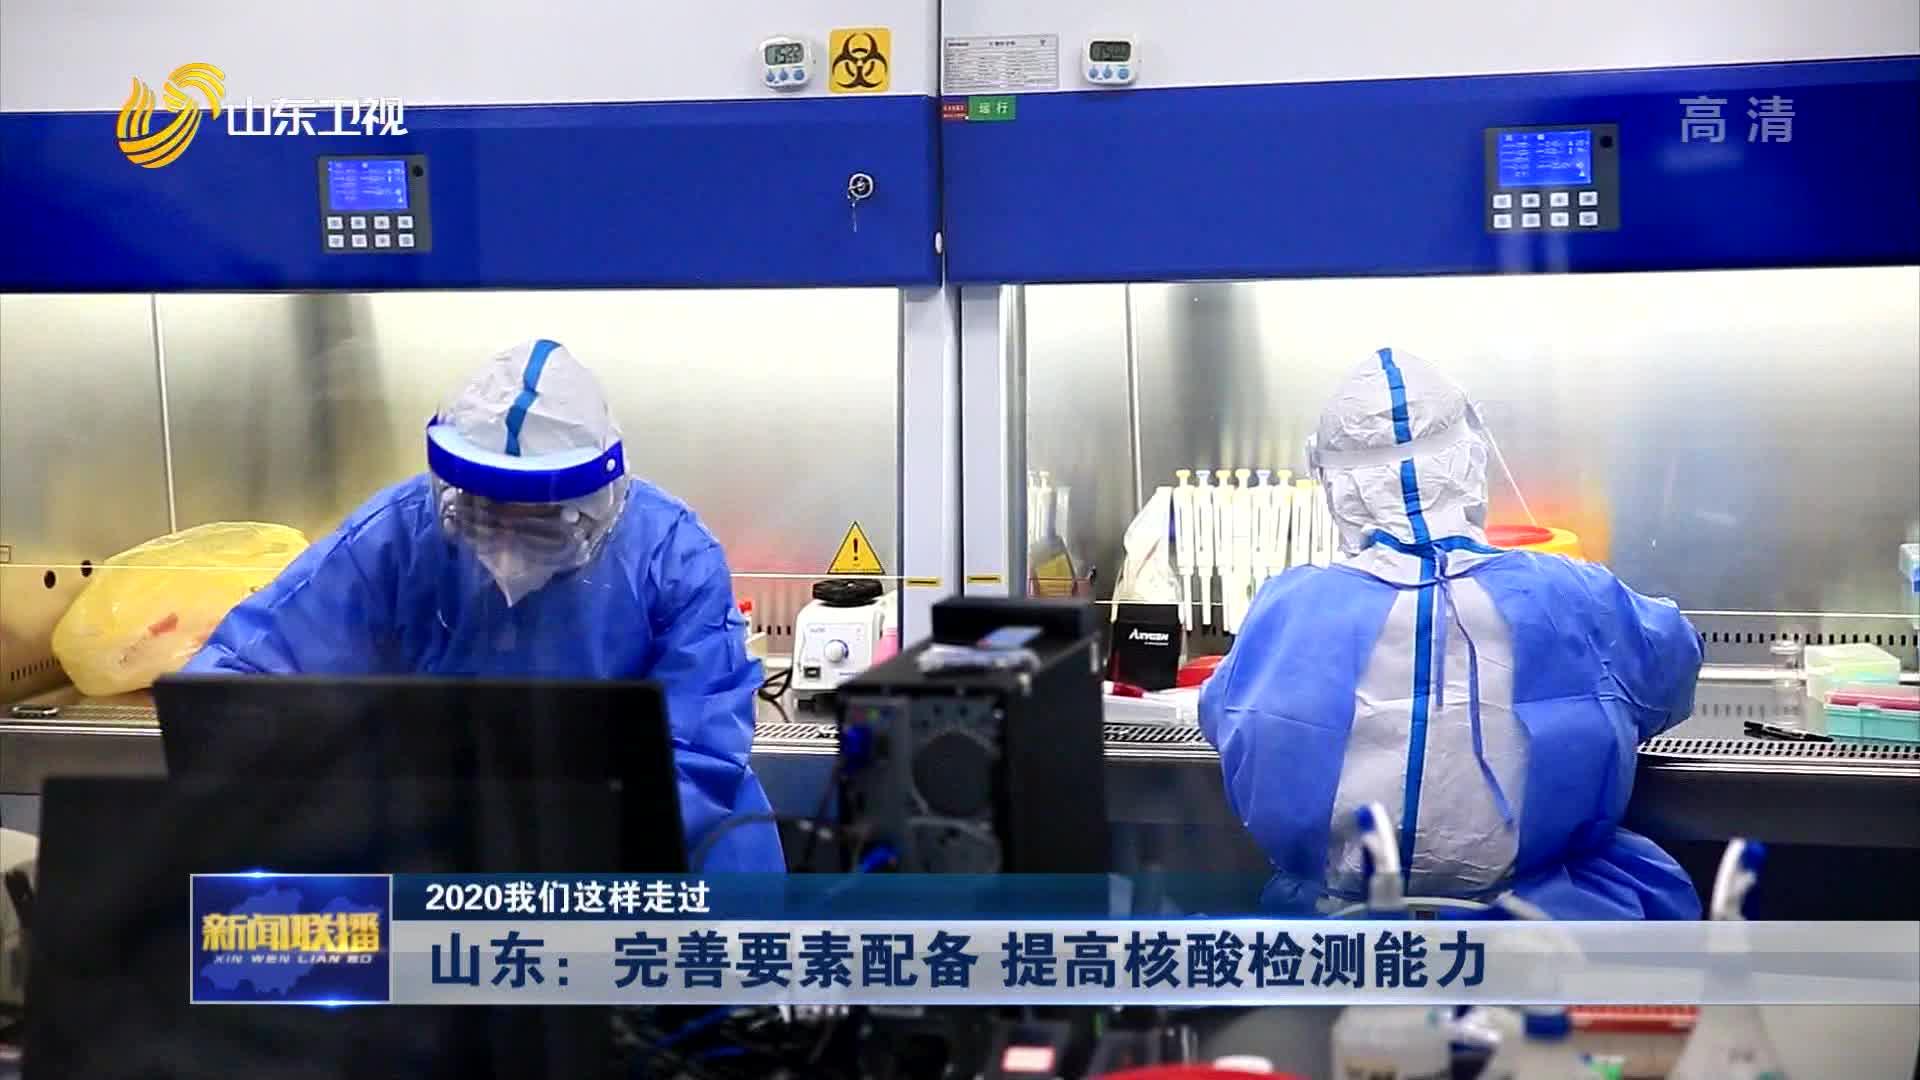 【2020我们这样走过】山东:完善要素配备 提高核酸检测能力